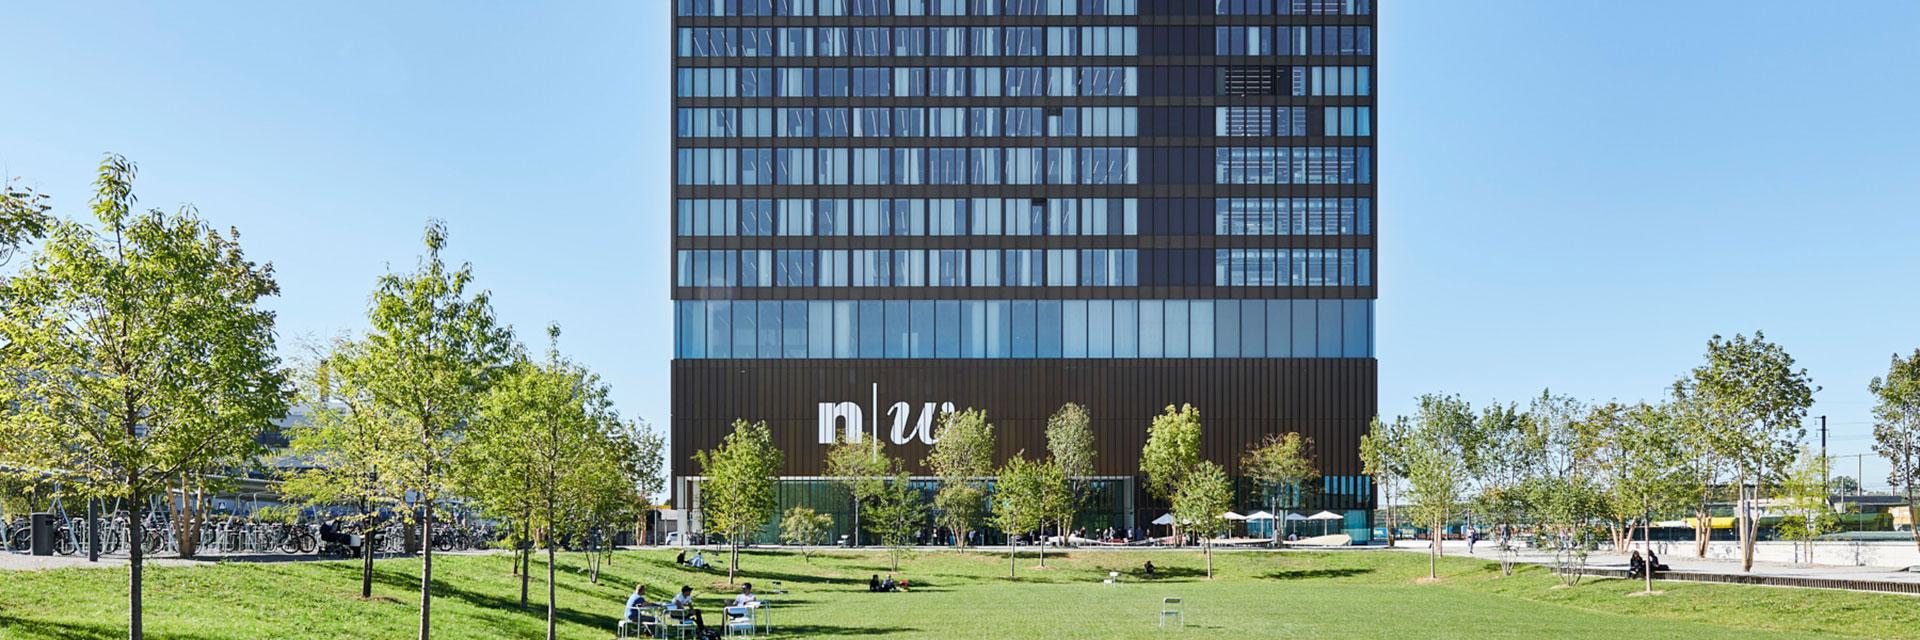 Muttenz fhnw for Fachhochschule architektur